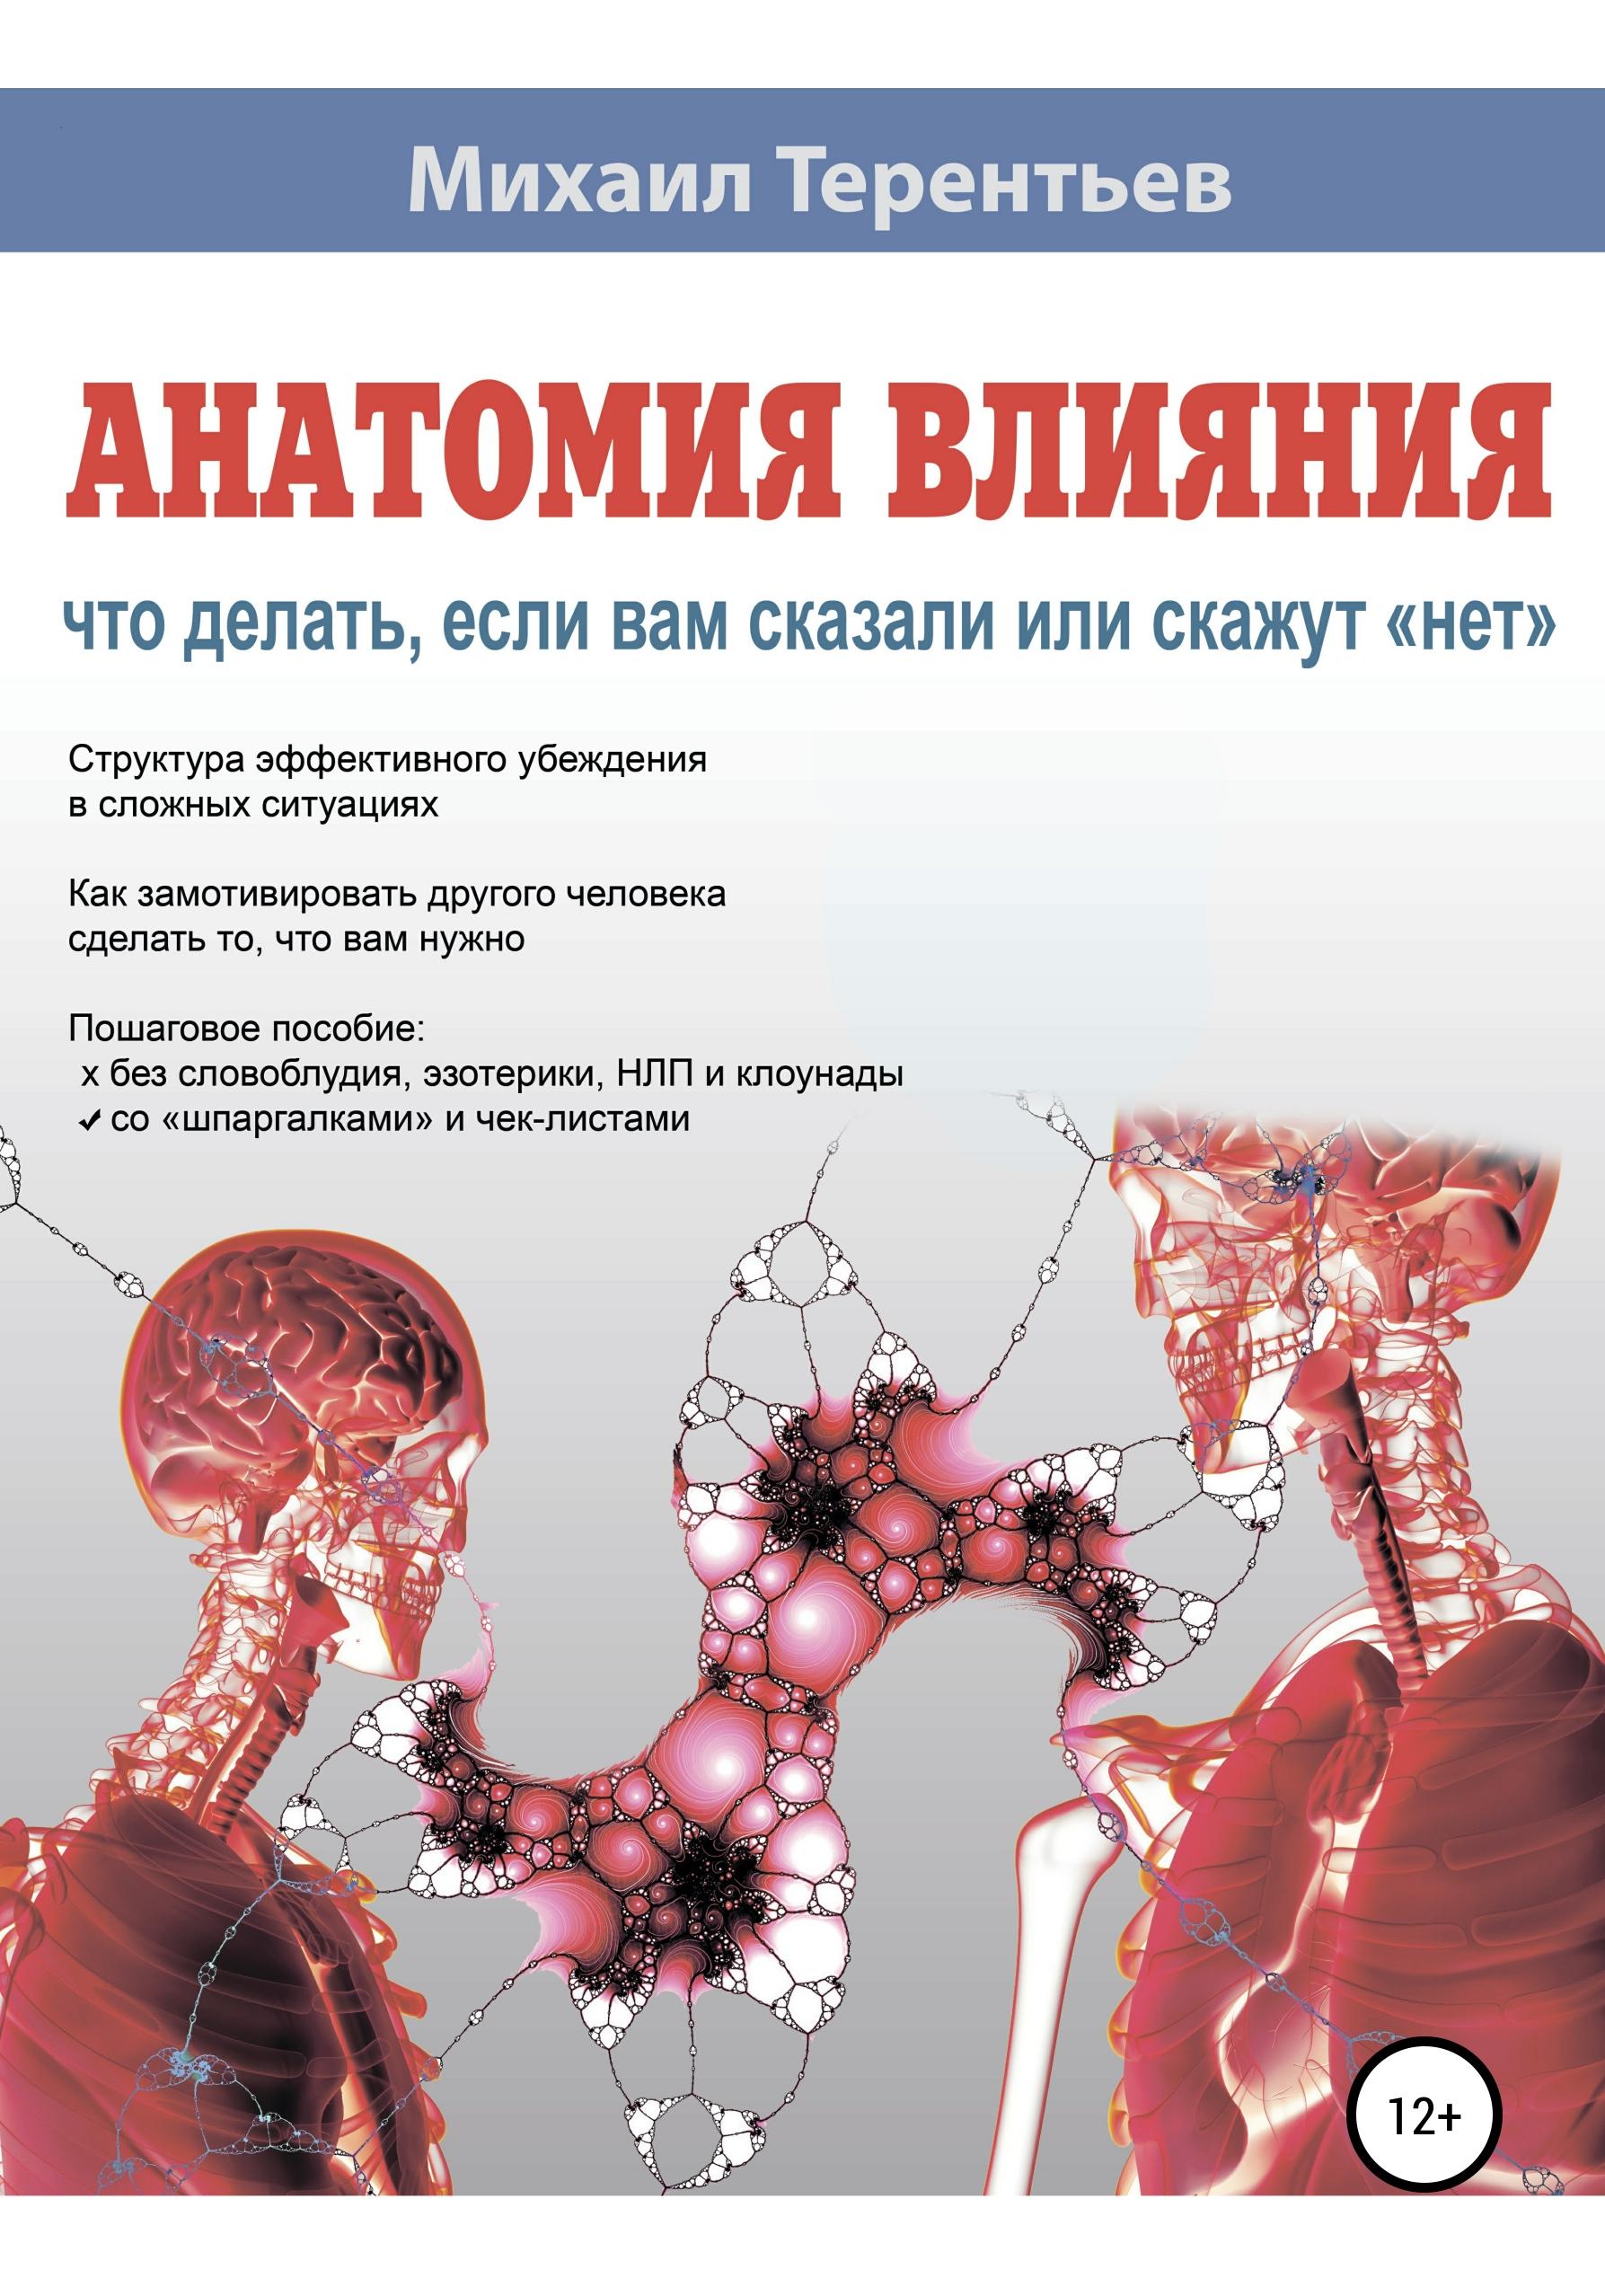 Михаил Терентьев - Анатомия влияния. Что делать, если вам сказали или скажут «нет»